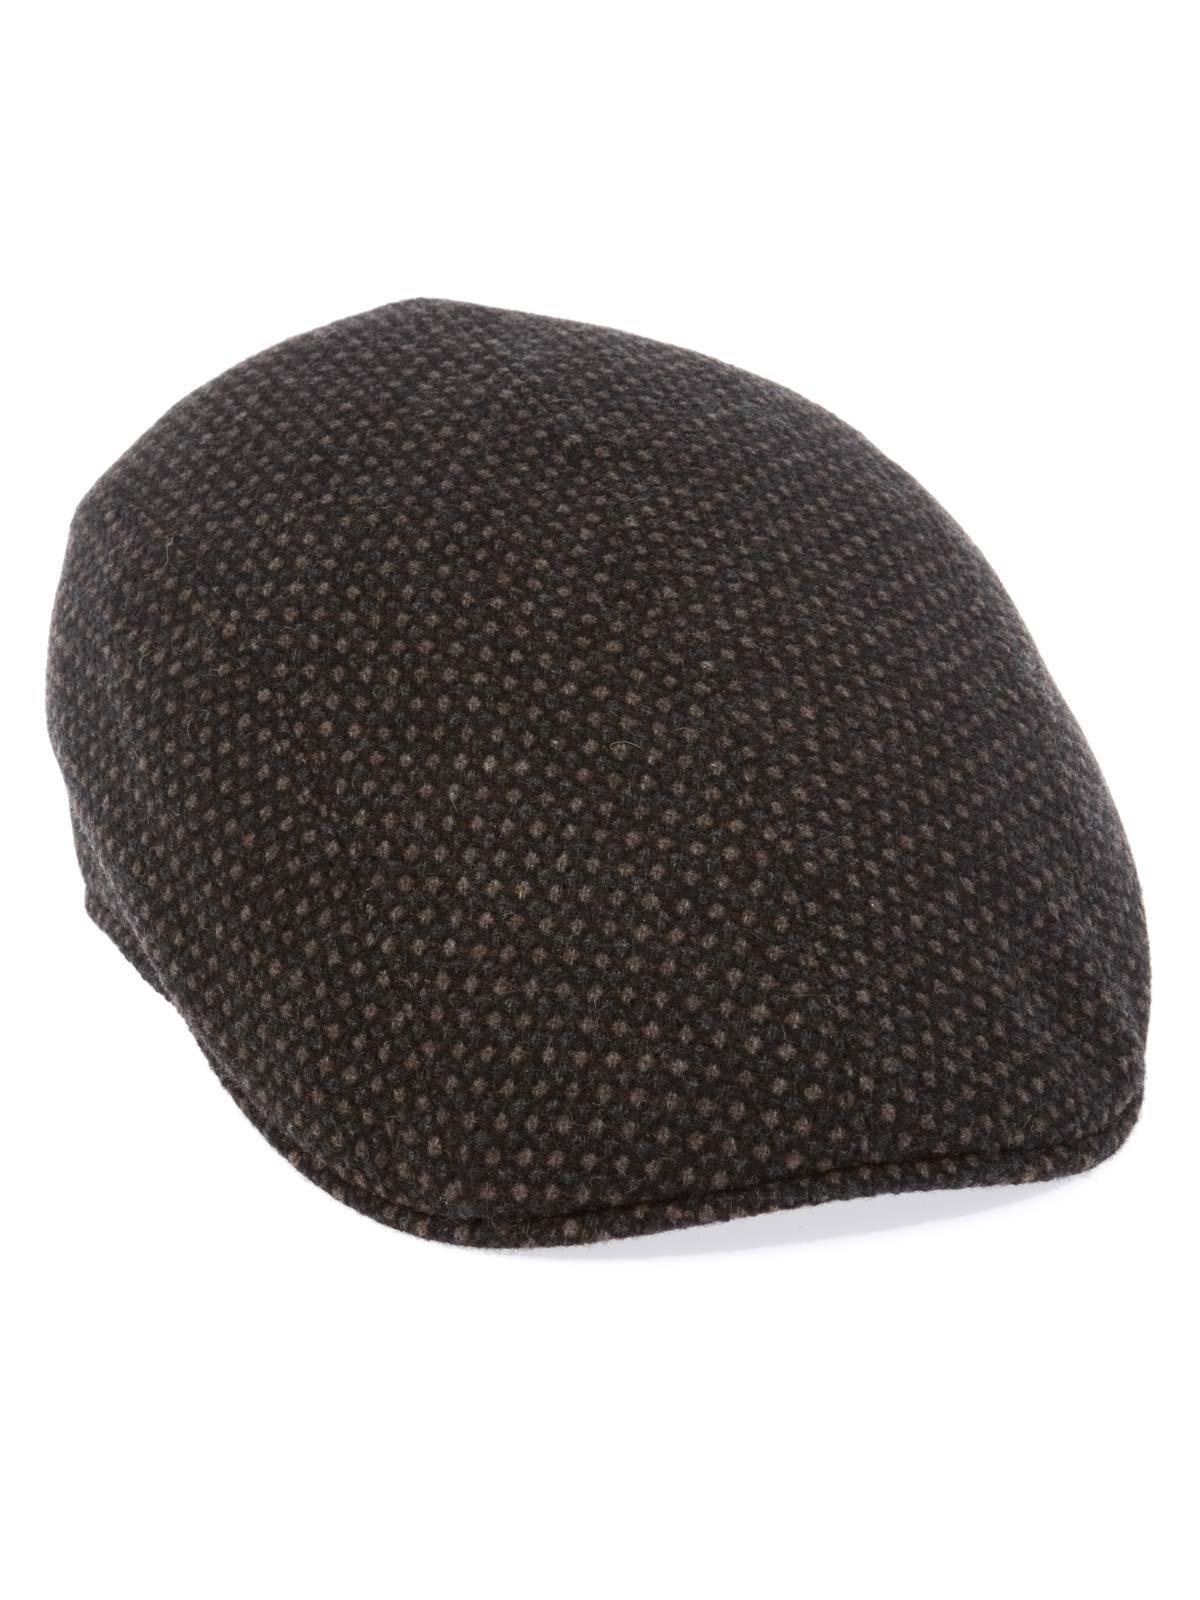 Picture of Portaluri | Hat